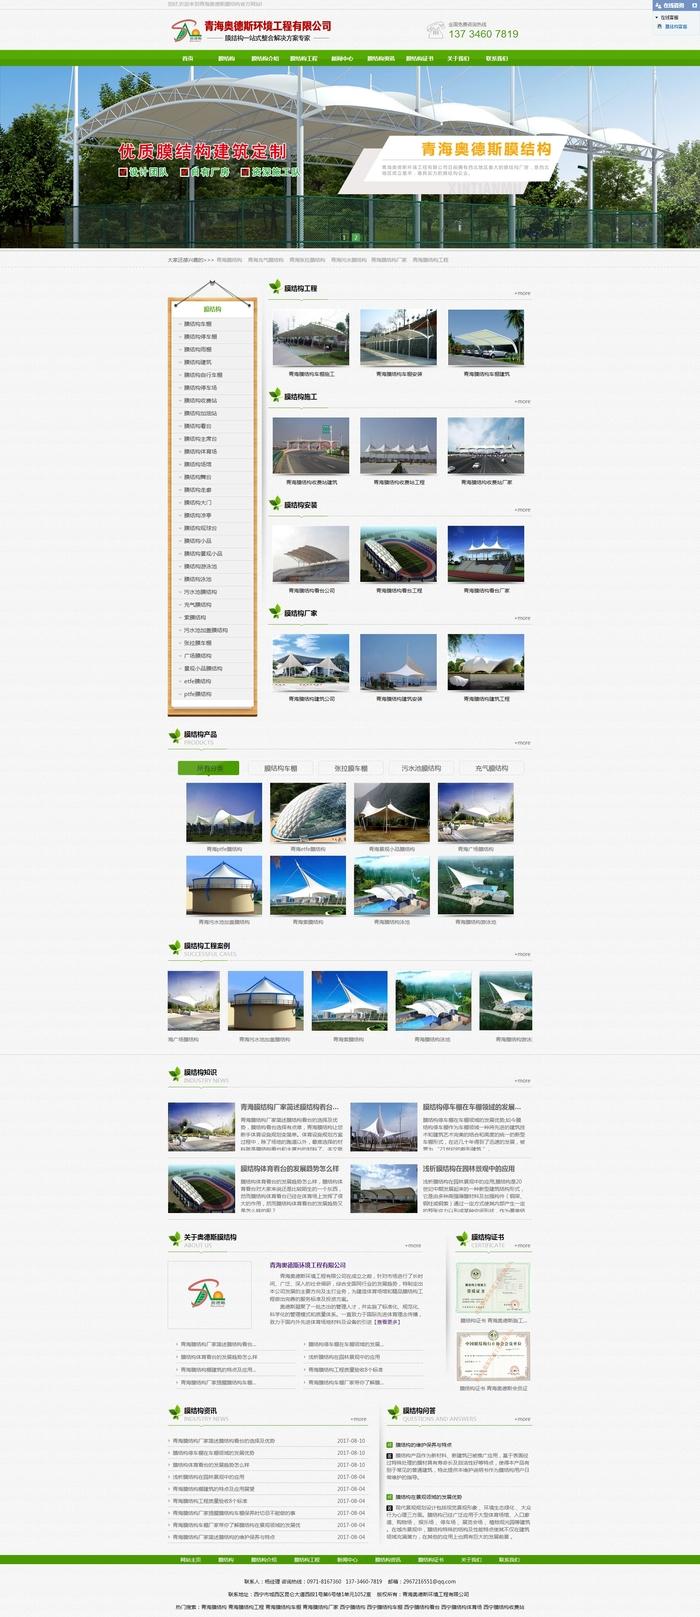 热烈祝贺青海奥德斯环境工程有限公司在我公司开通铭赞富海360营销推广一年